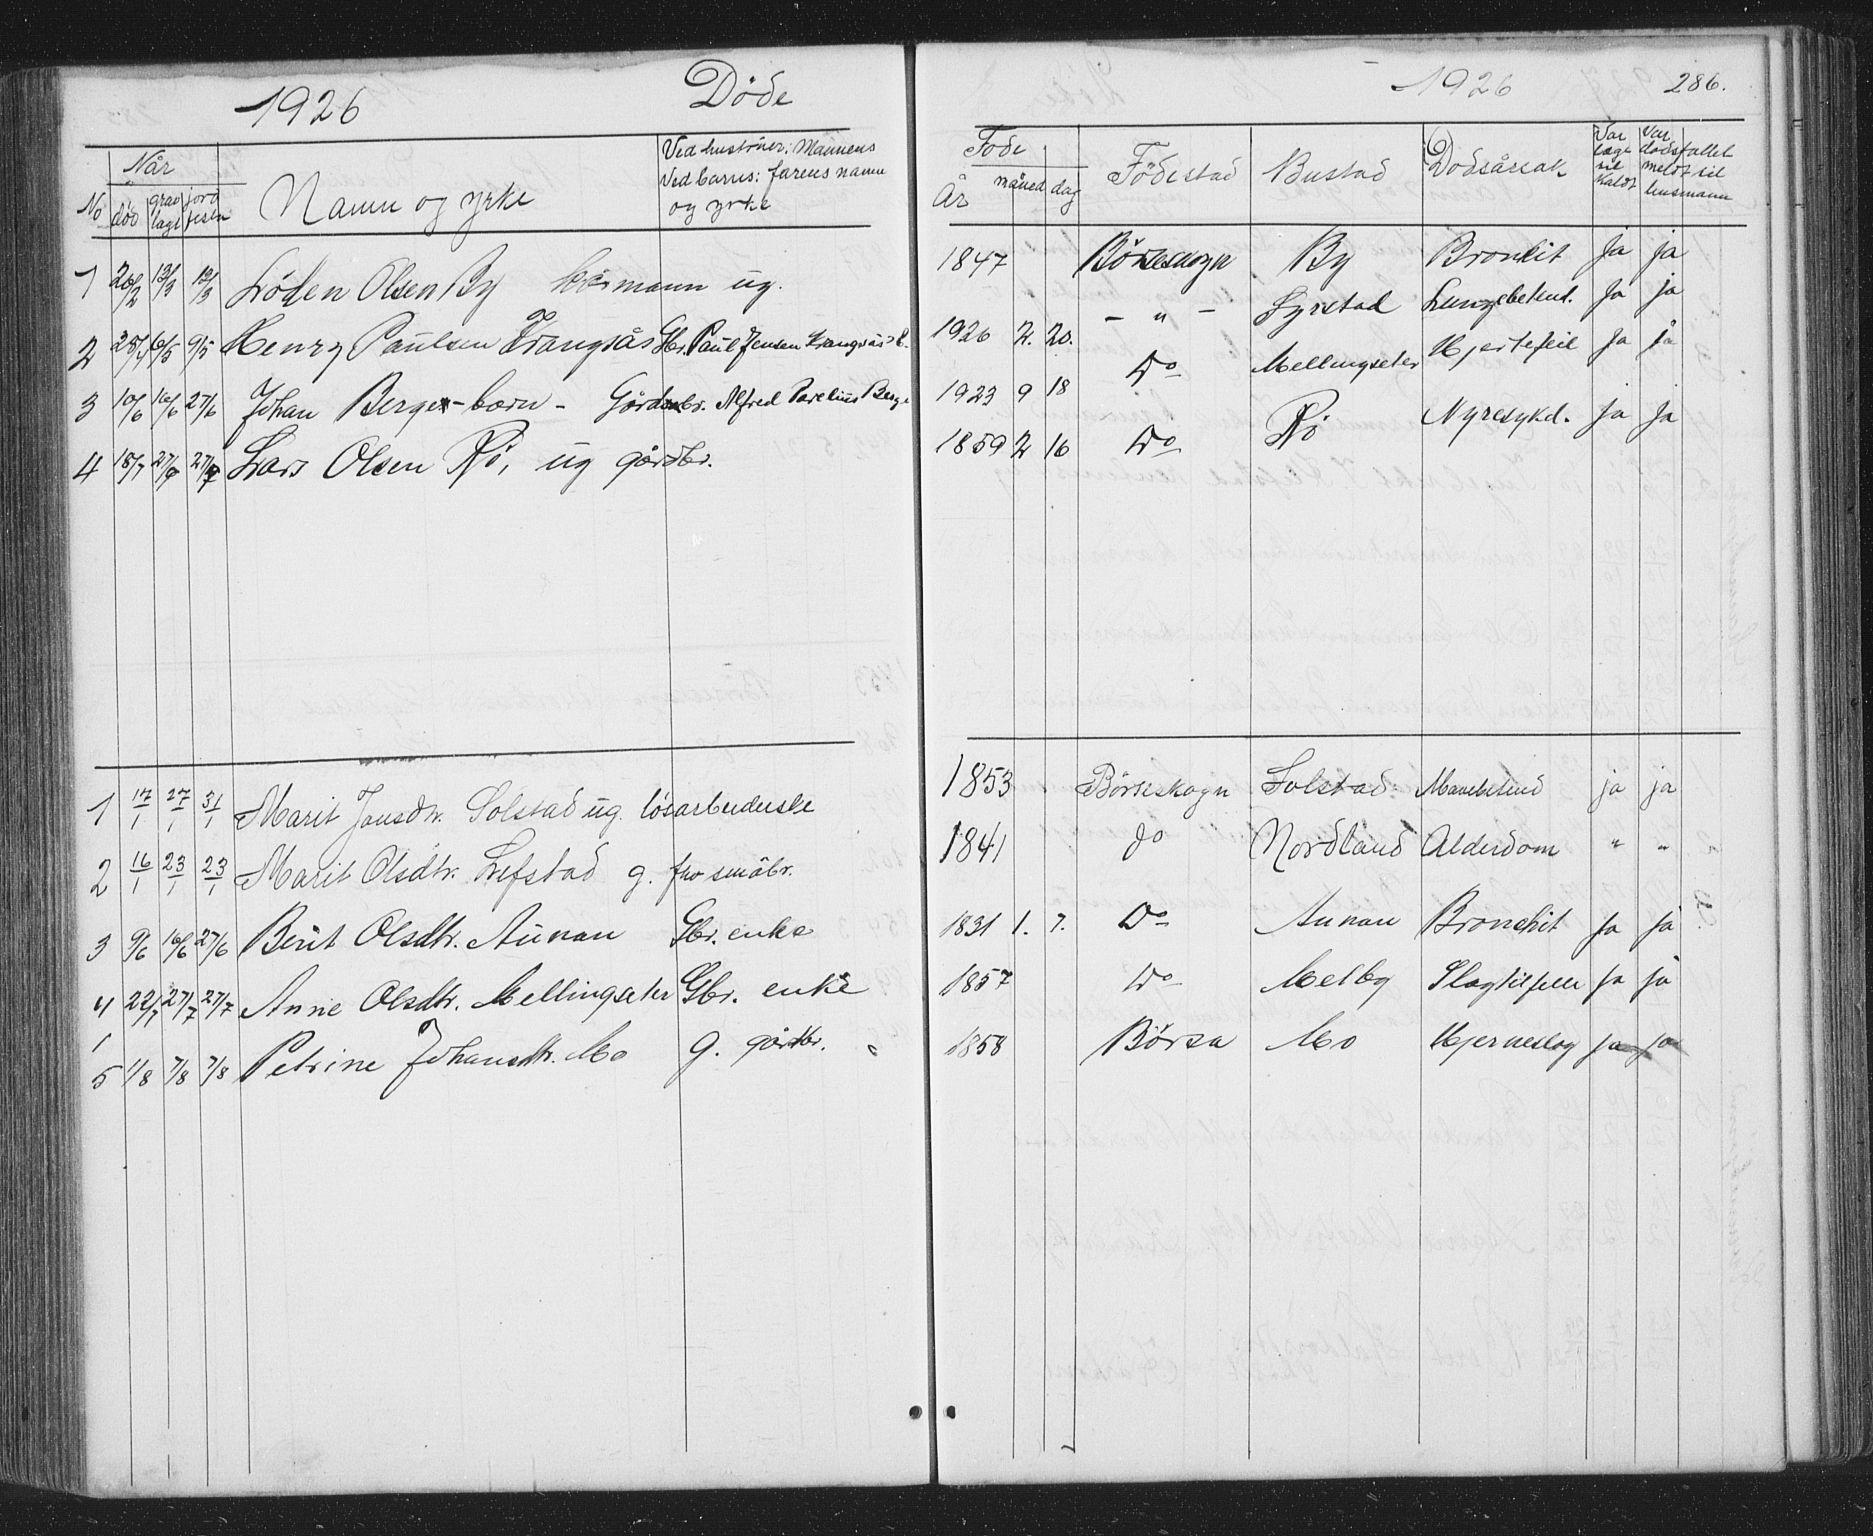 SAT, Ministerialprotokoller, klokkerbøker og fødselsregistre - Sør-Trøndelag, 667/L0798: Klokkerbok nr. 667C03, 1867-1929, s. 286